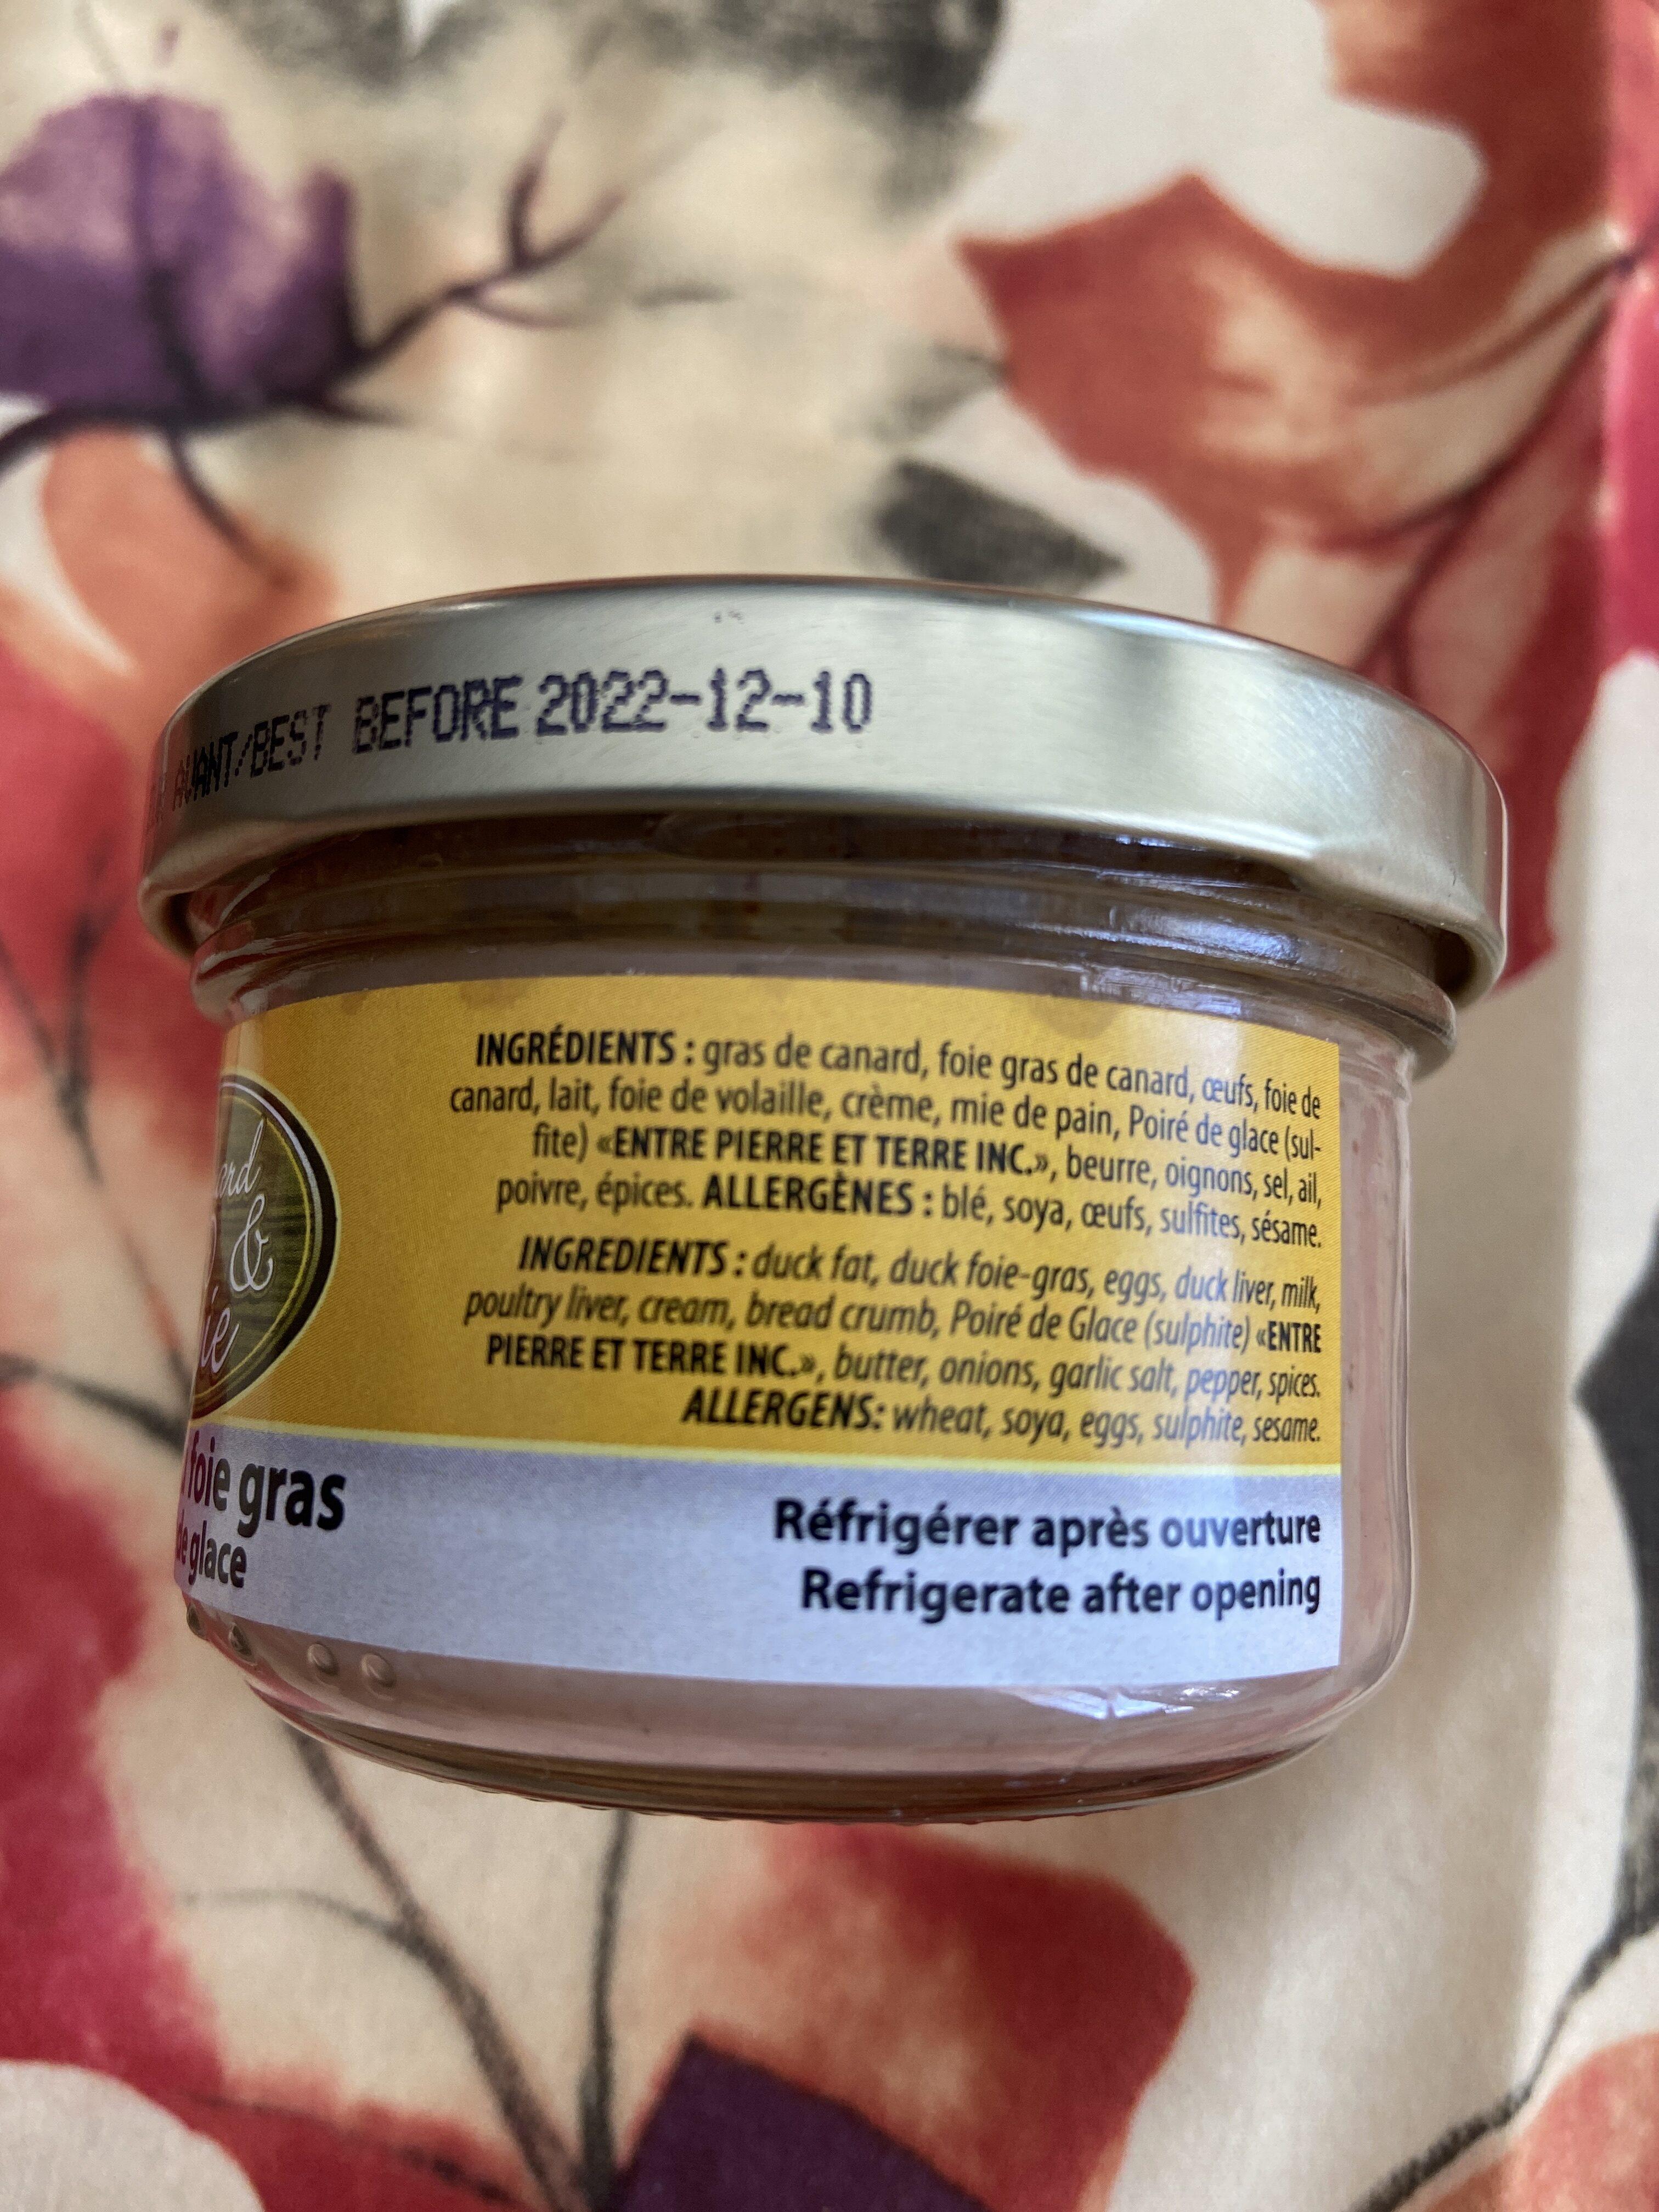 Mousse au foie gras au Poiré de glace - Ingredients - en